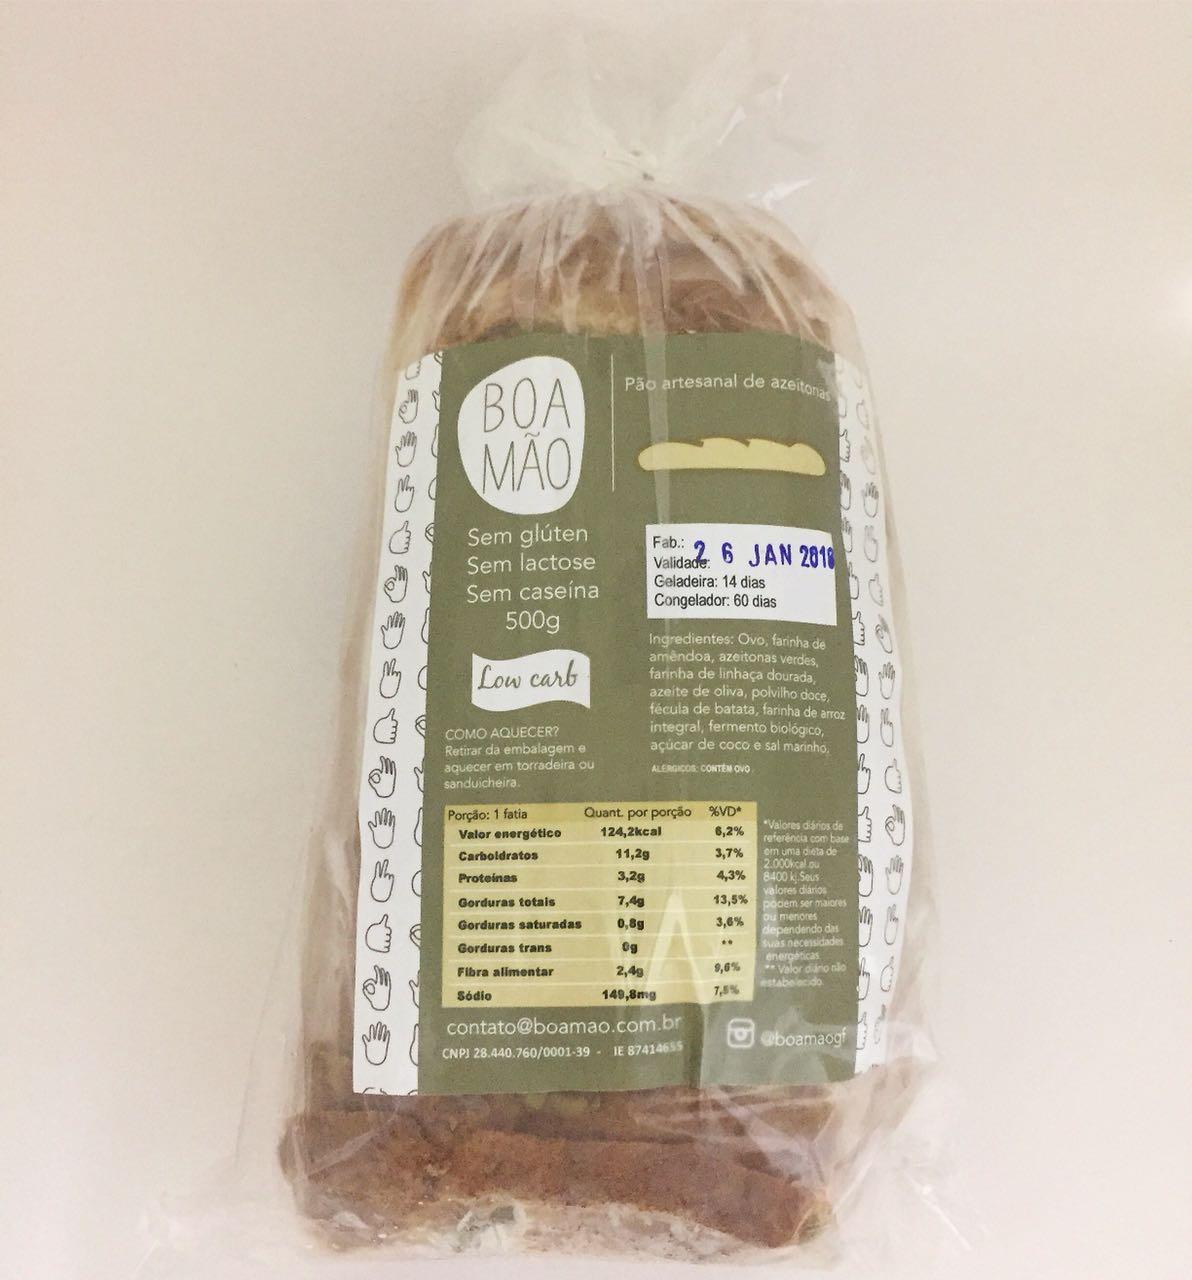 Pão de azeitona low carb, 500g – Boa Mão